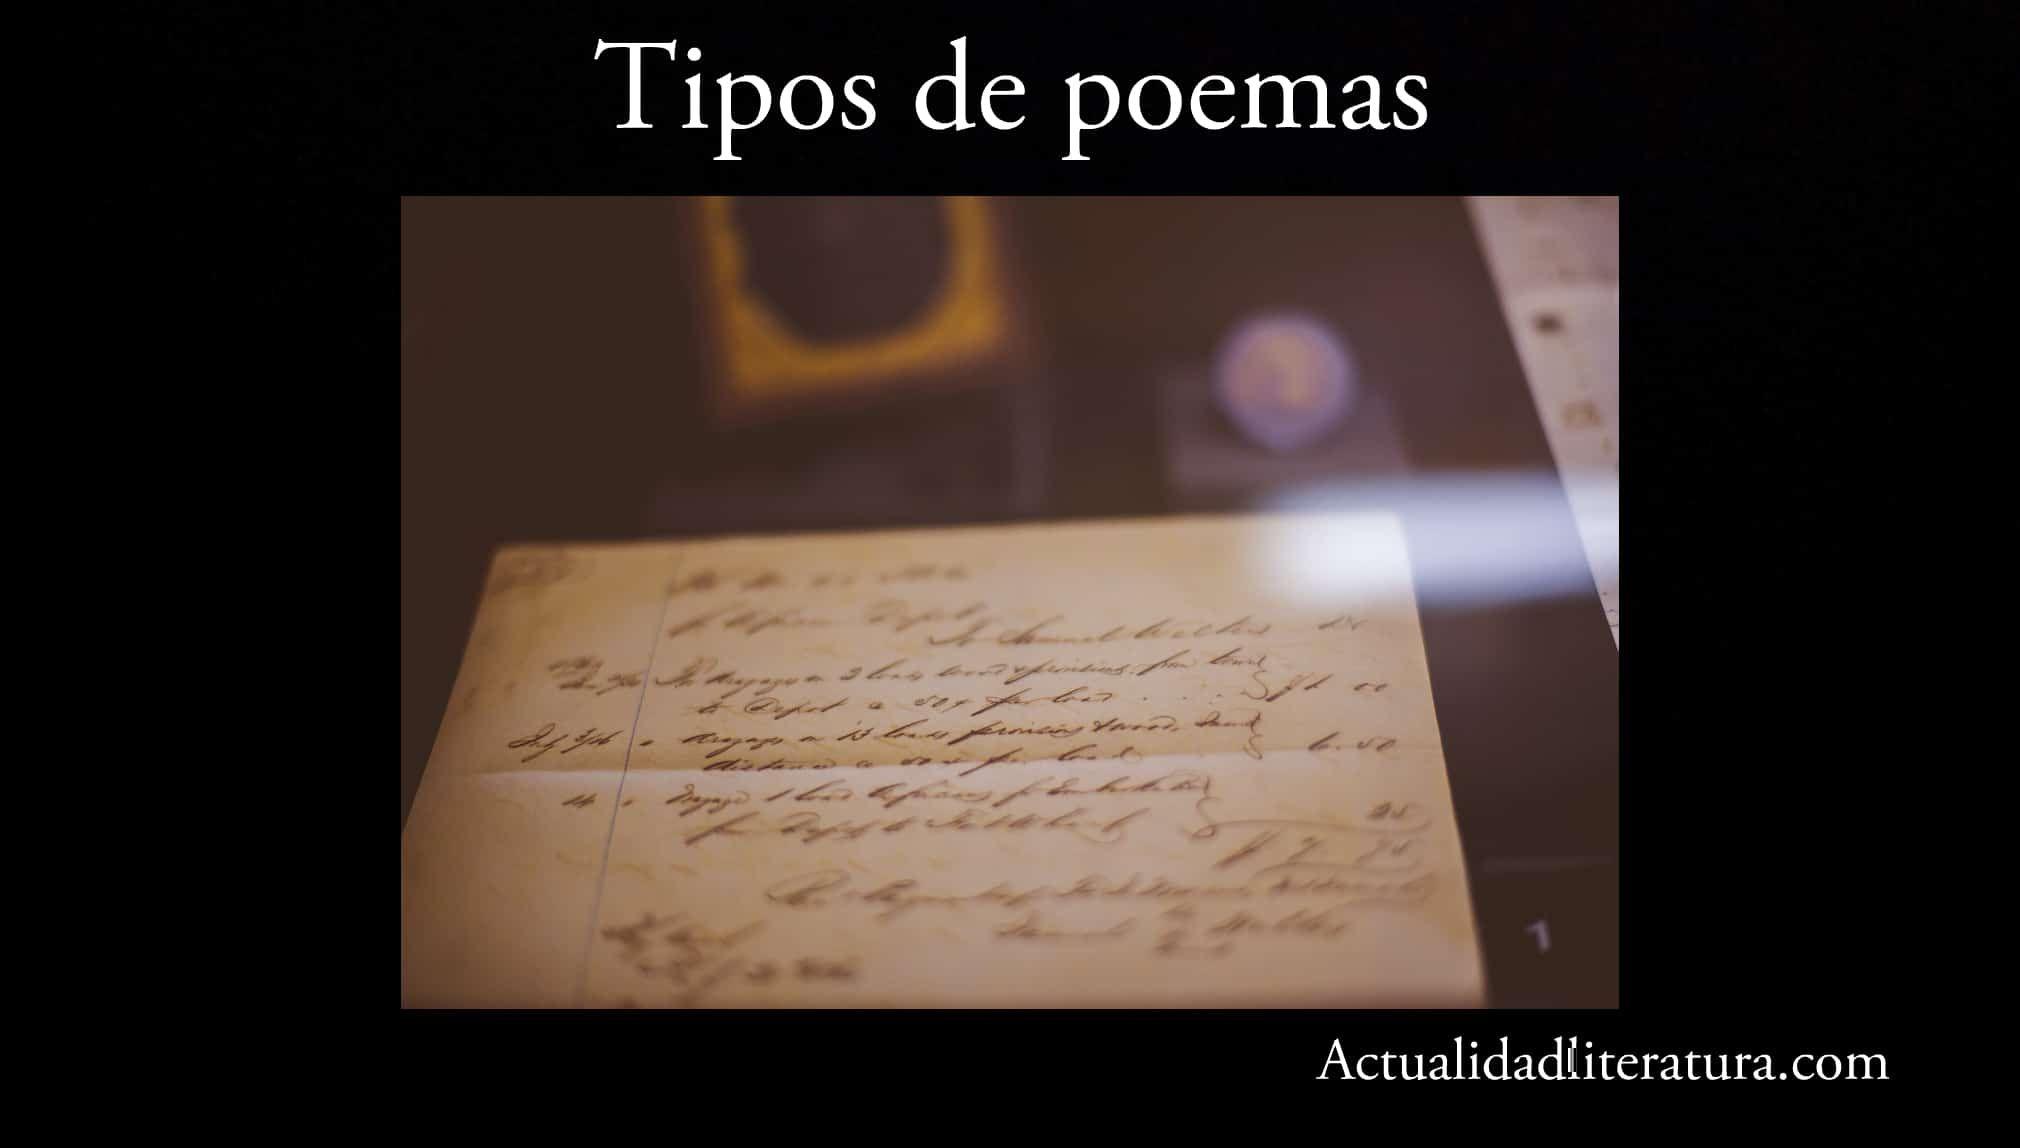 Tipos De Poemas Todo Lo Que Debes Saber Sobre Ellos Poemas Caracteristicas Del Poema Poemas Cortos